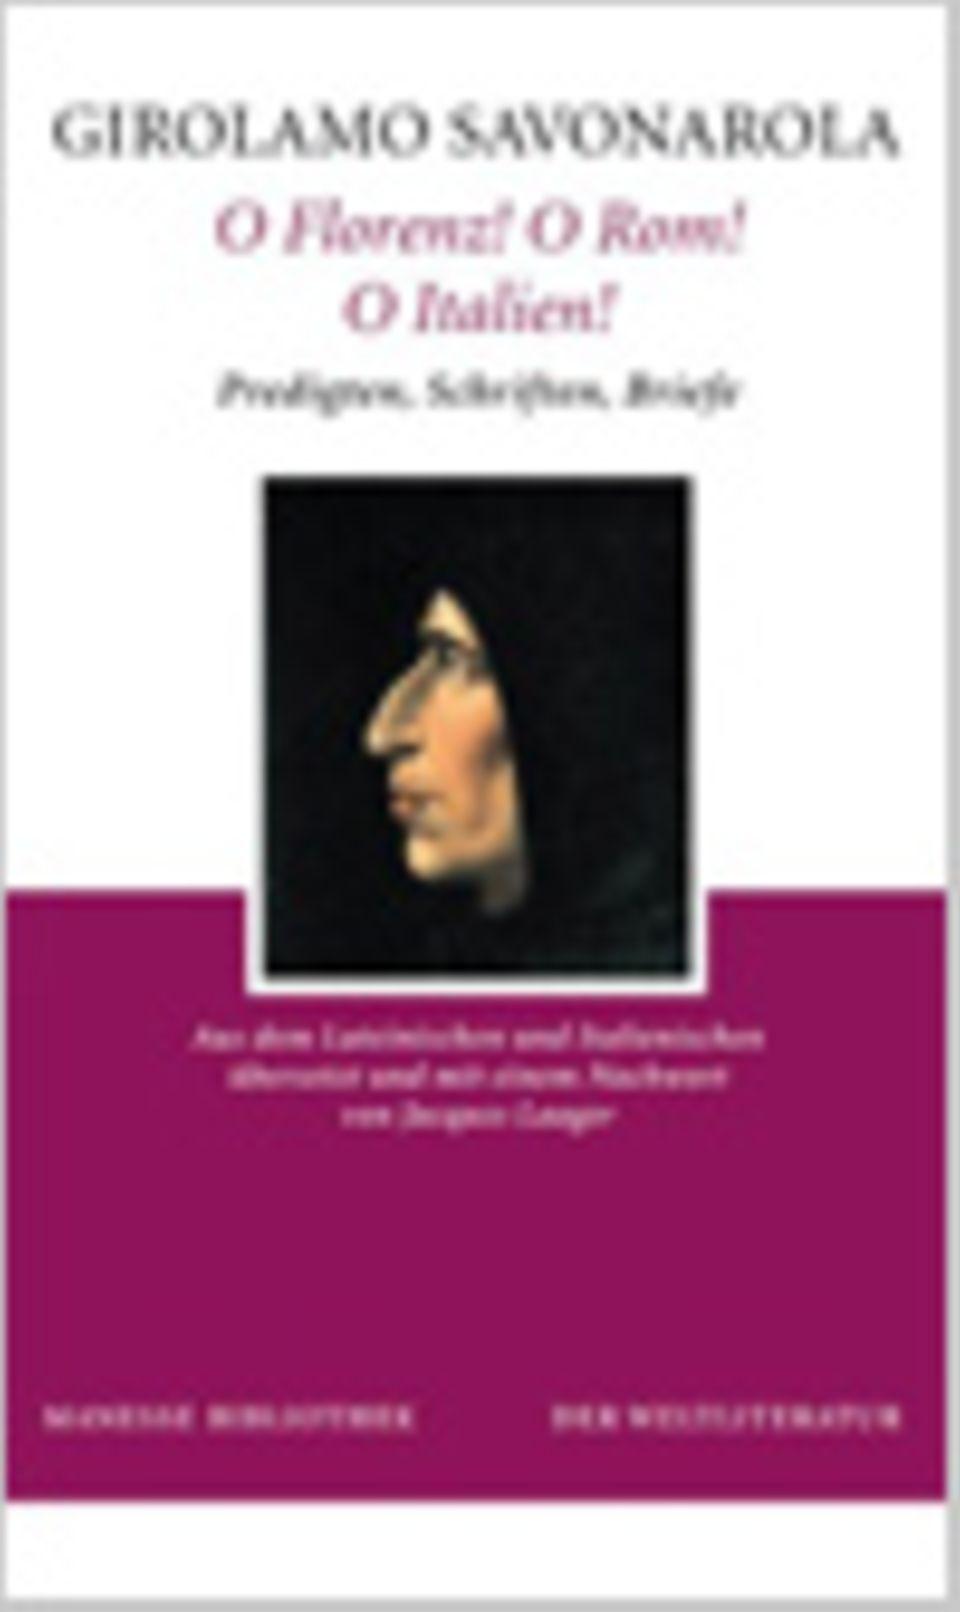 Buchtipps: Die Renaissance in Italien